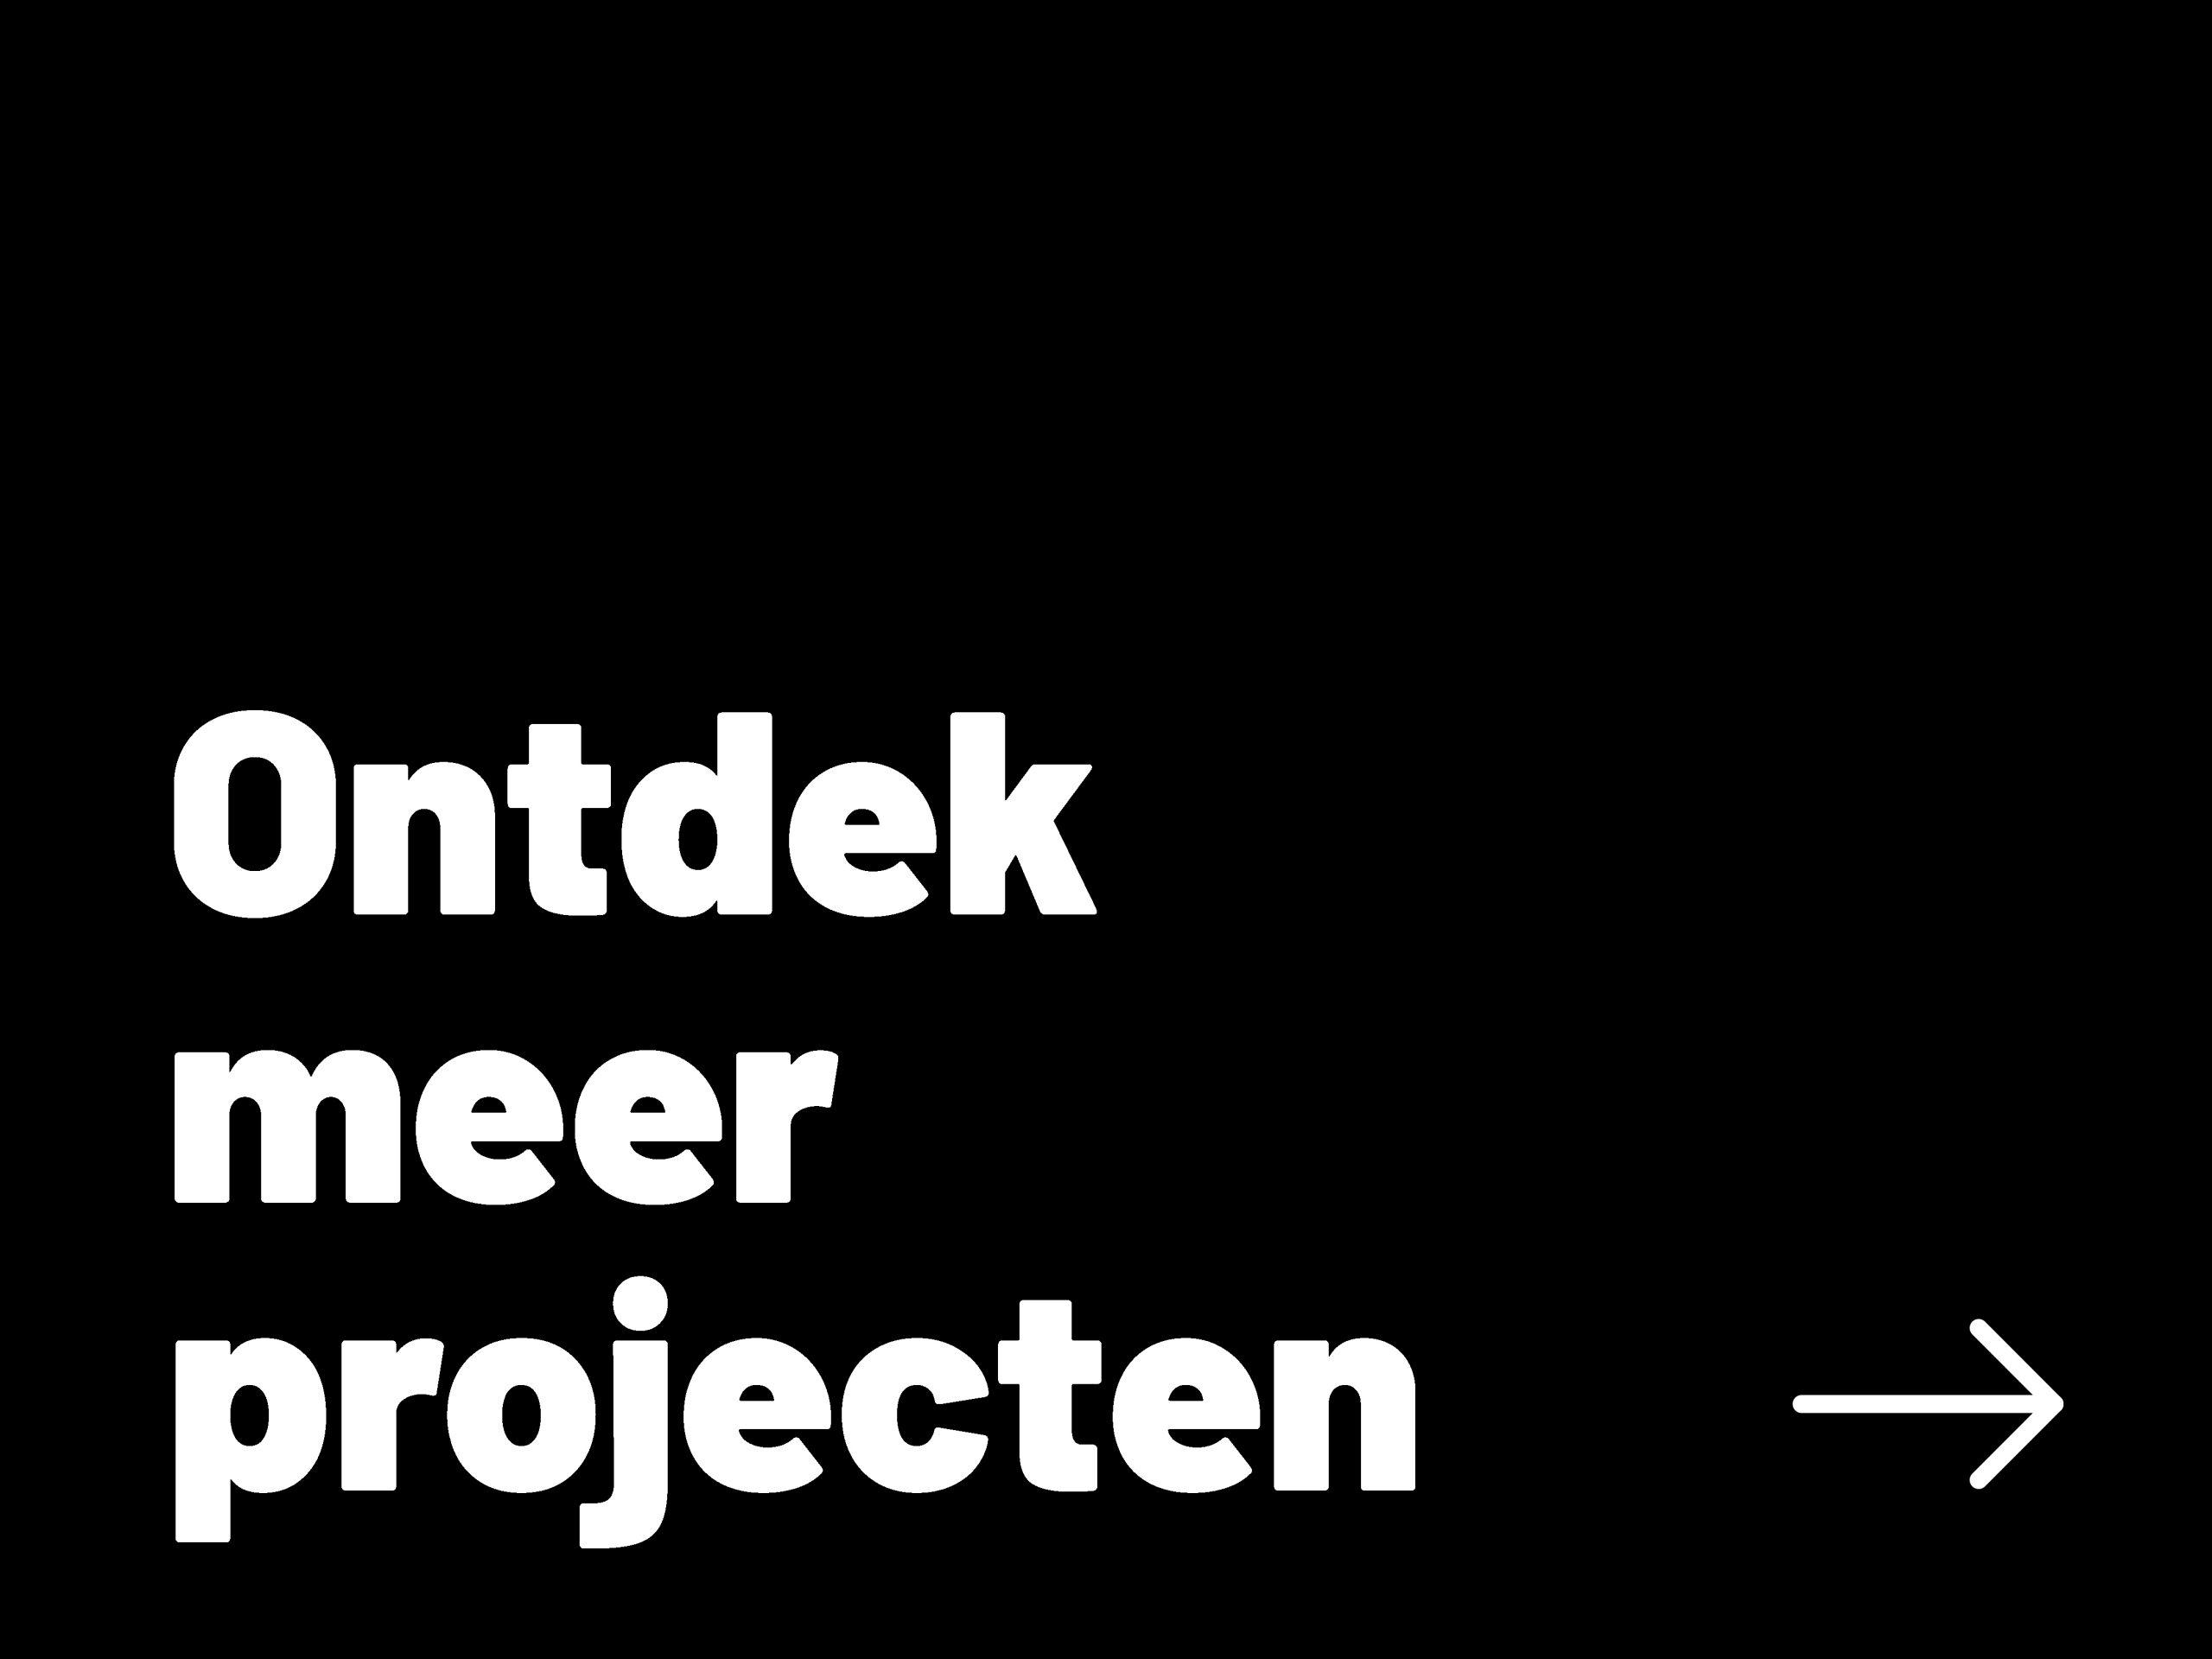 Ontdek meer projecten